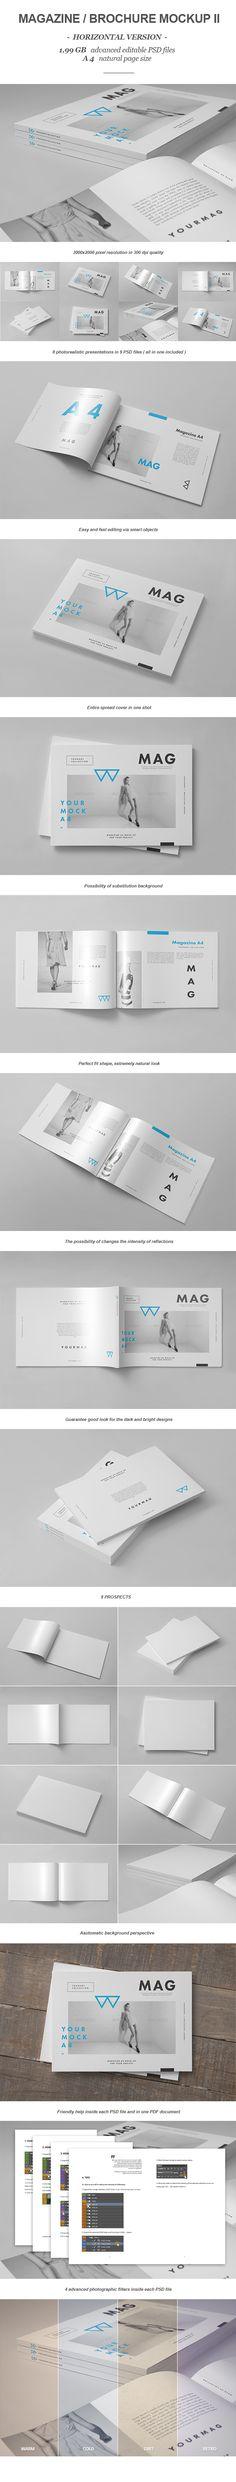 Horizontal Magazine Brochure Mock-up II by yogurt86 Design Studio, via Behance